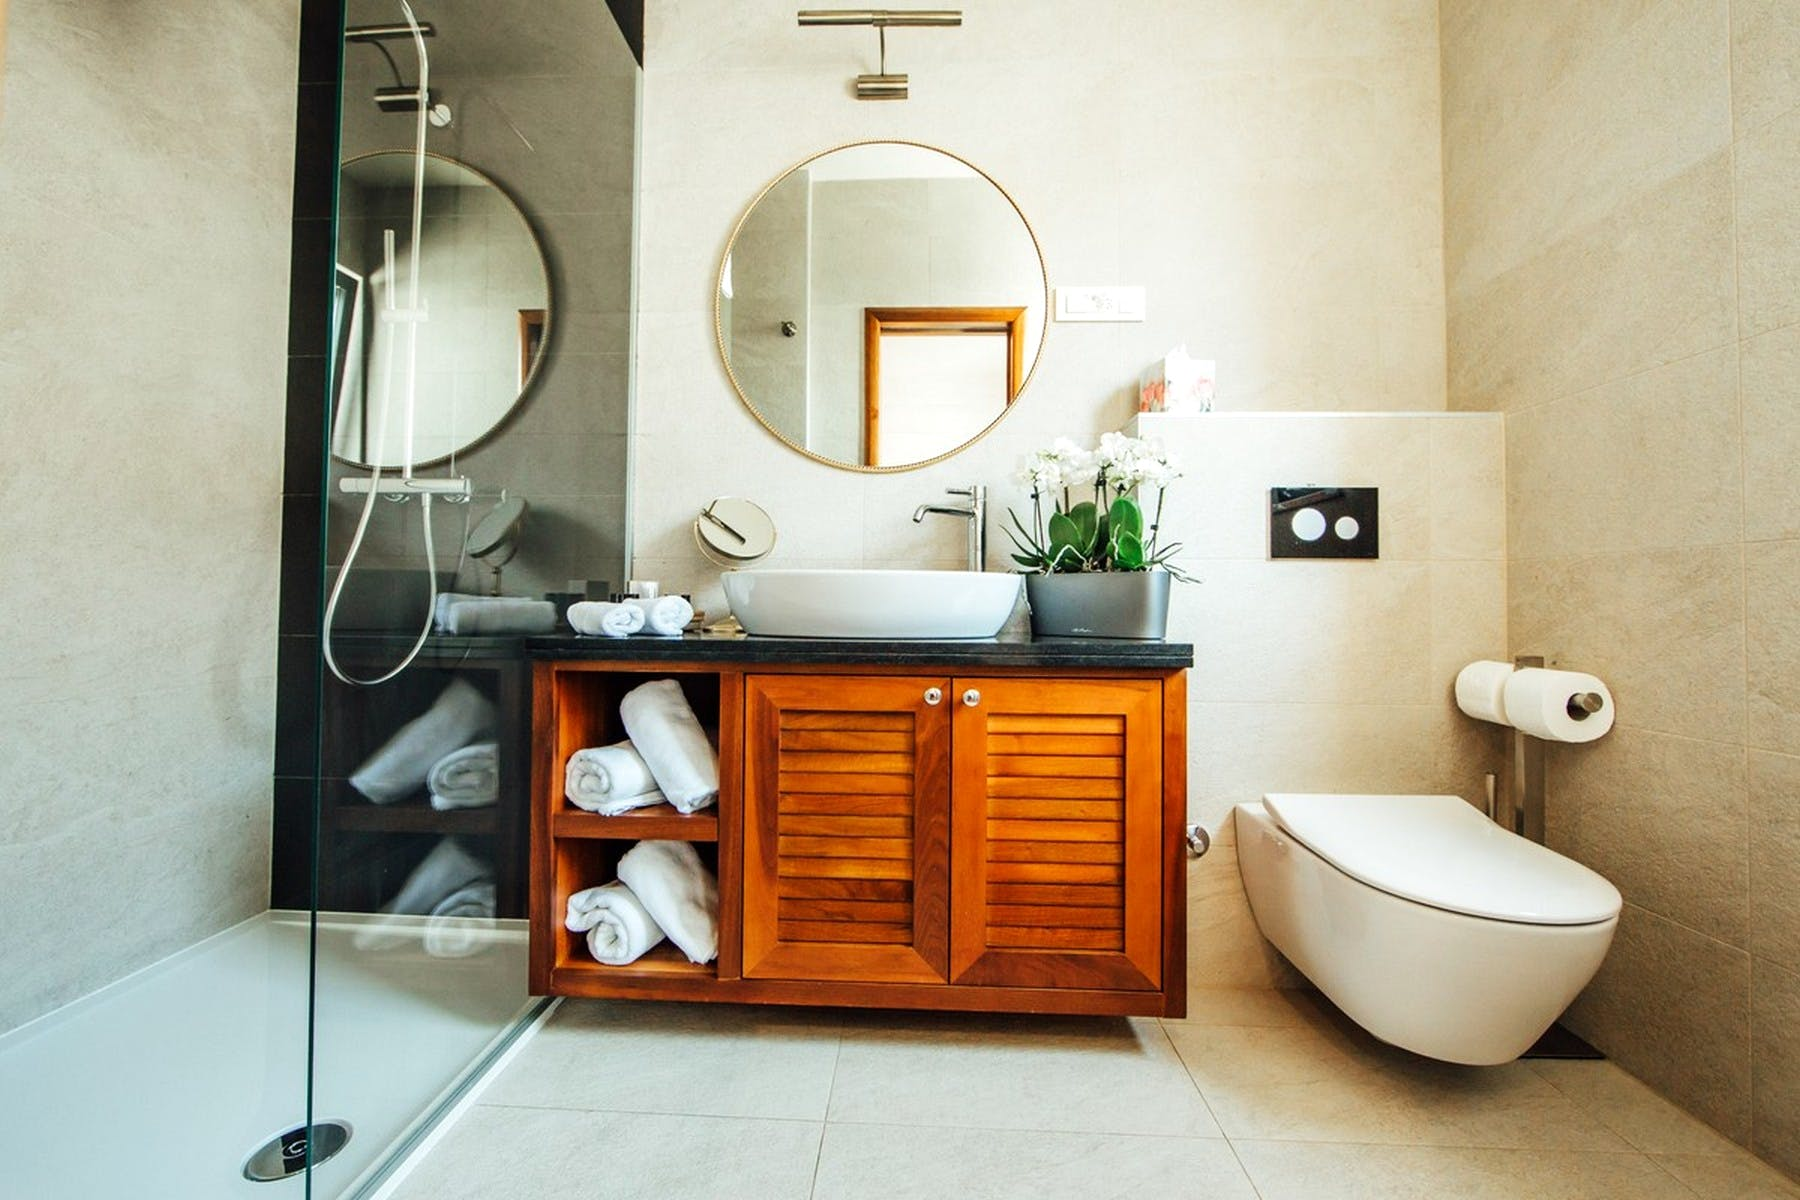 Fully furnished bathroom